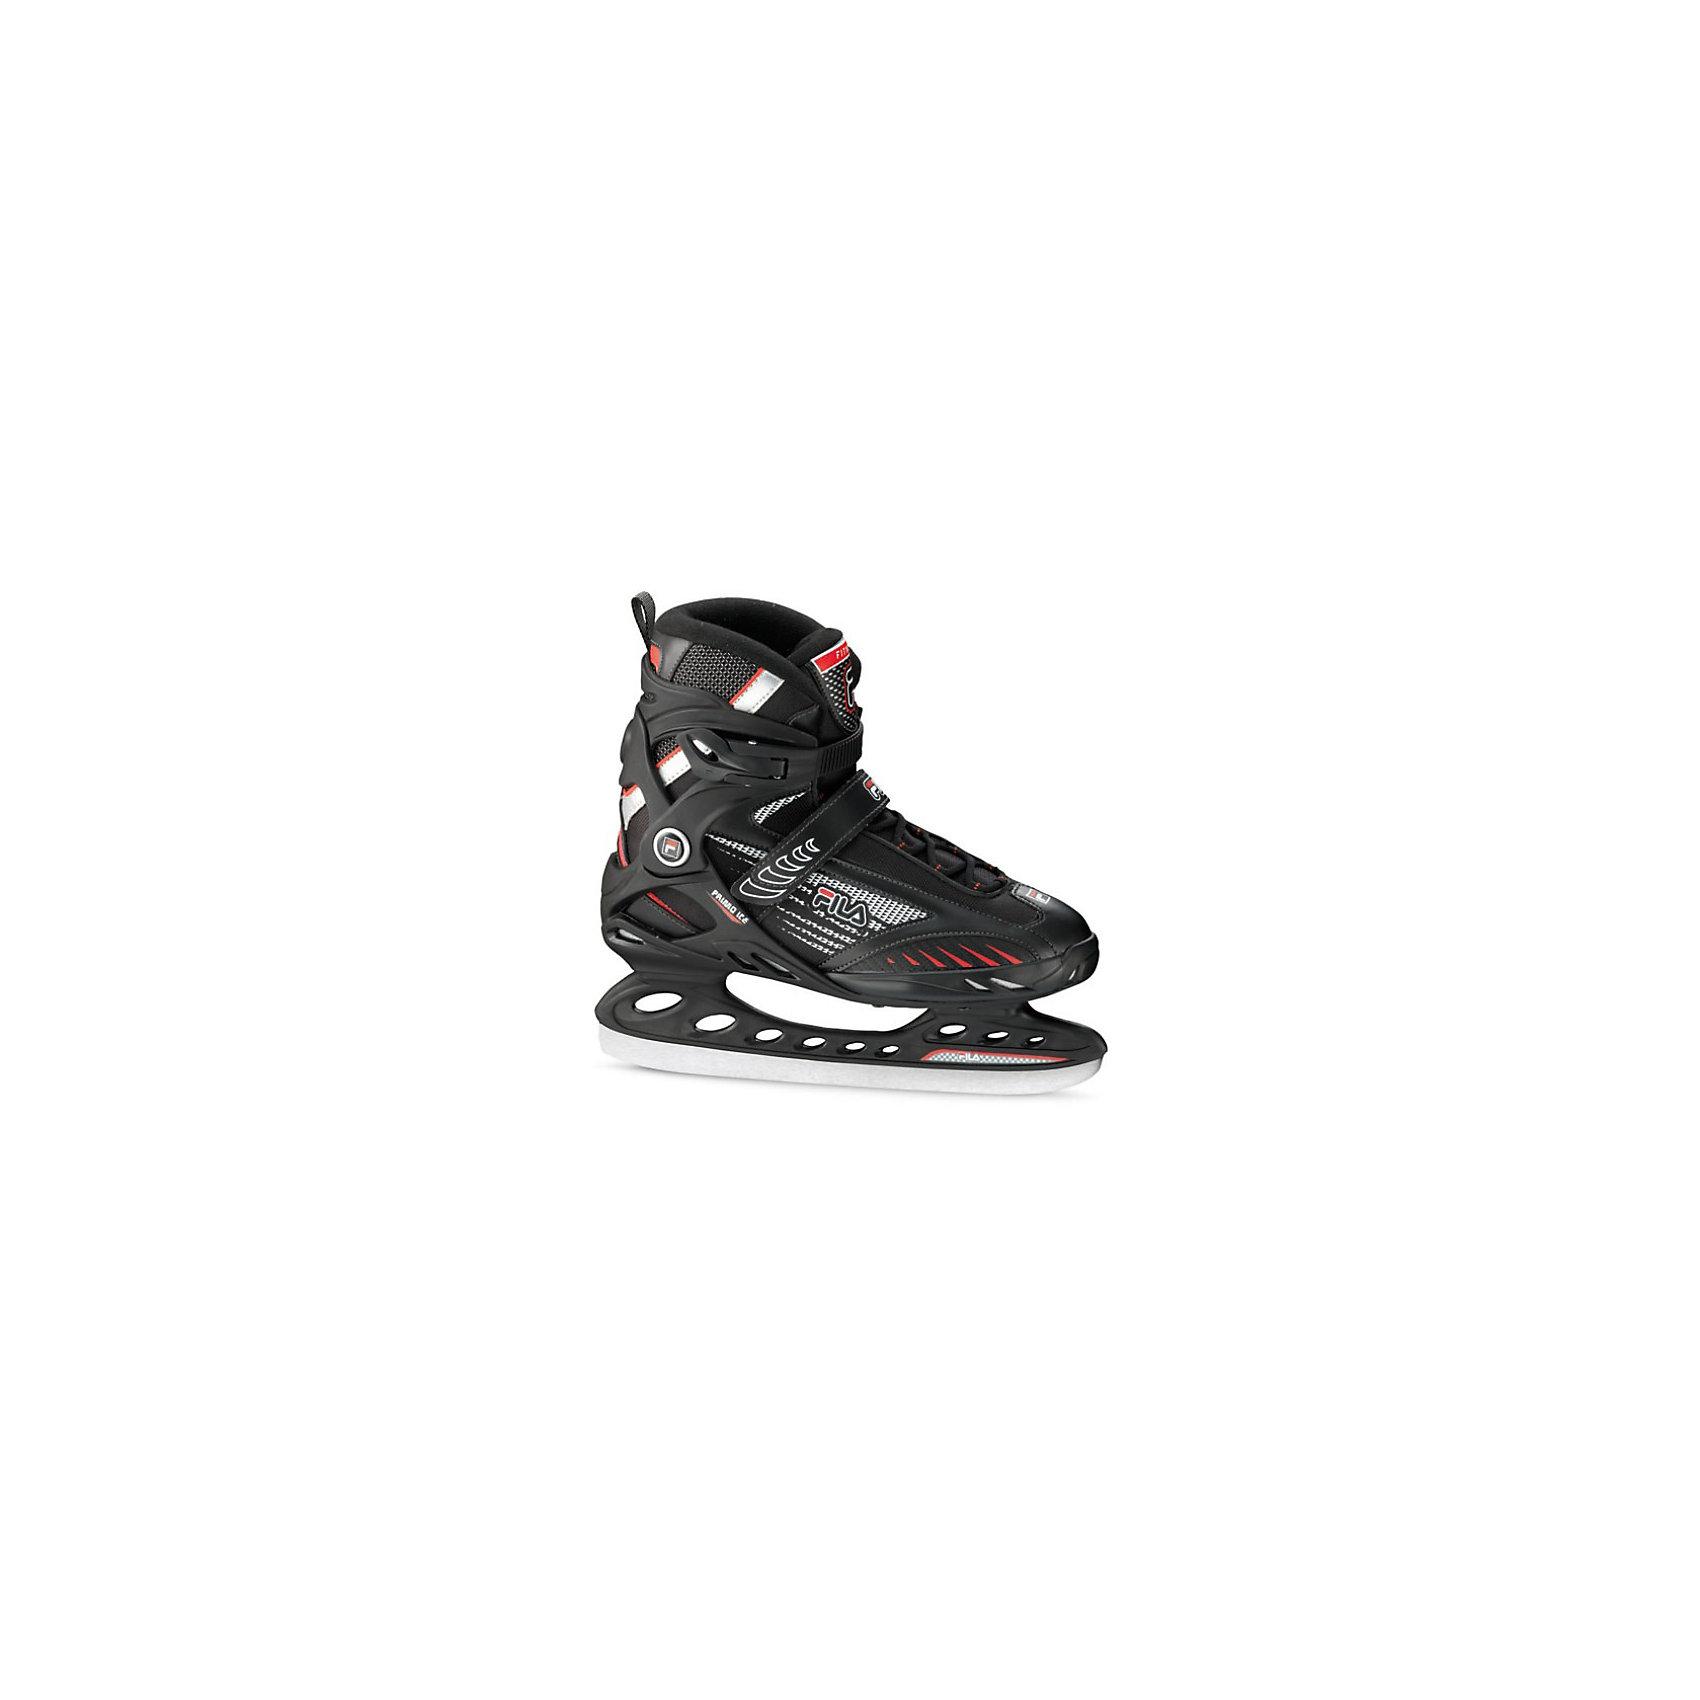 Ледовые коньки Primo Ice, чёрный/ красный, FILA